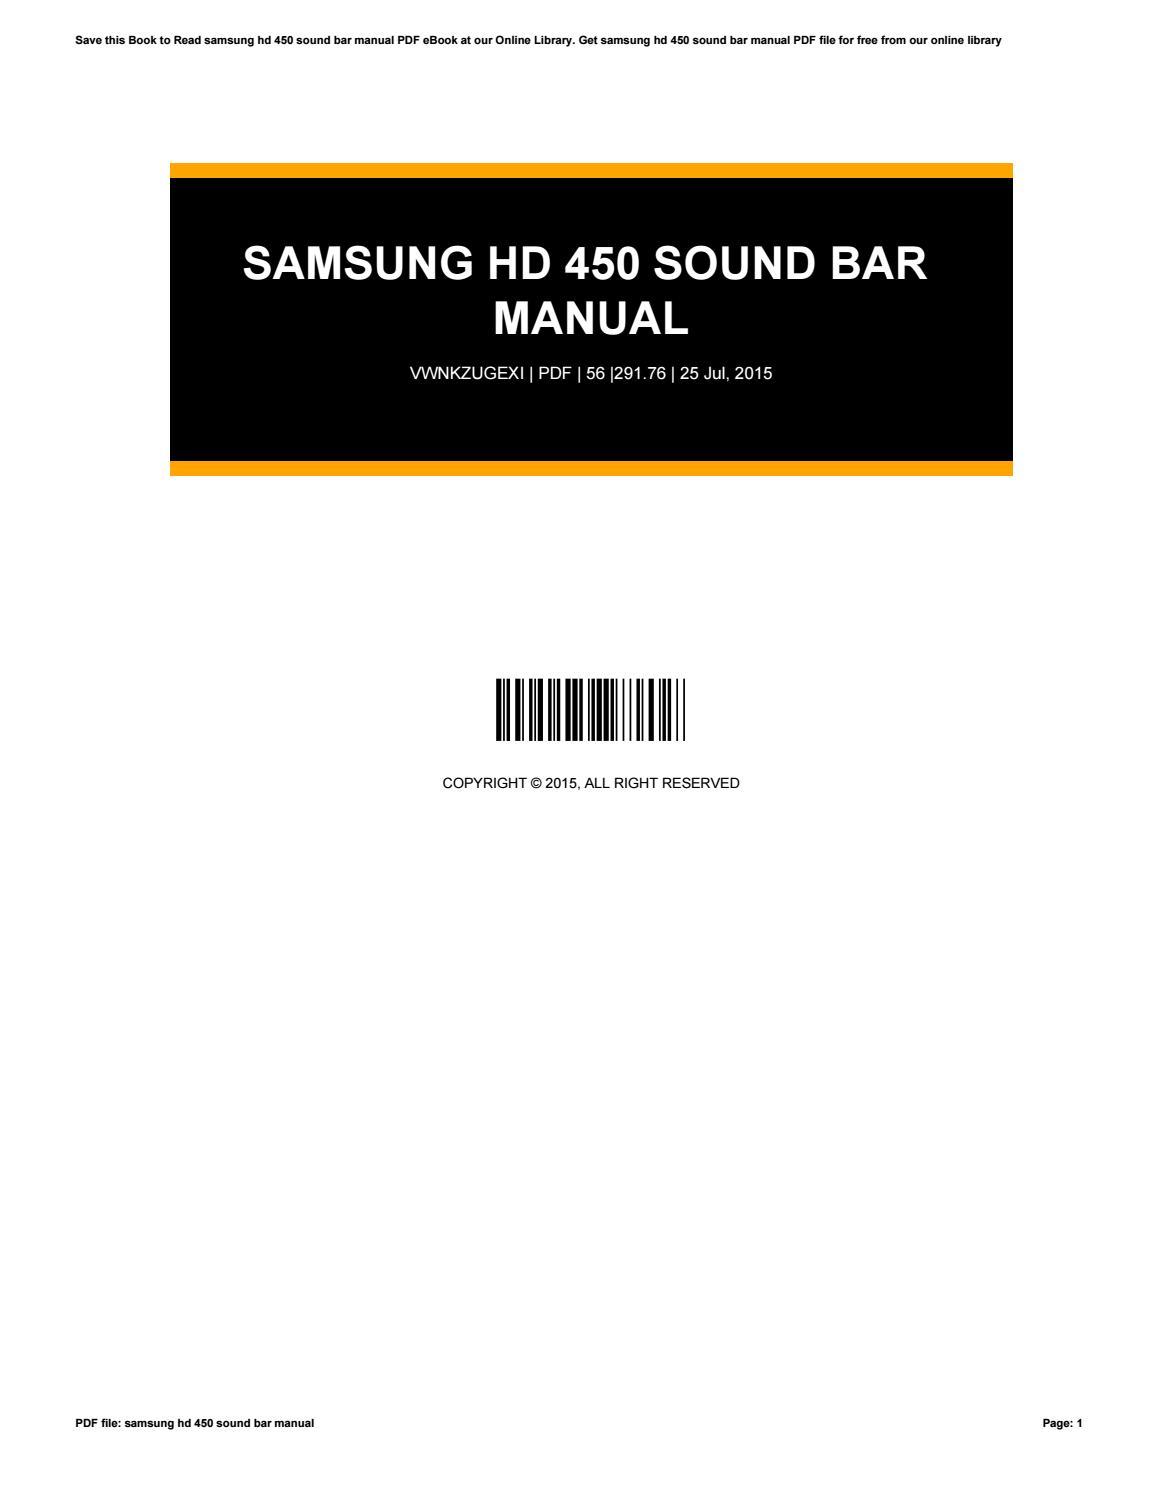 Samsung hd 450 sound bar manual by nezzart85 - issuu